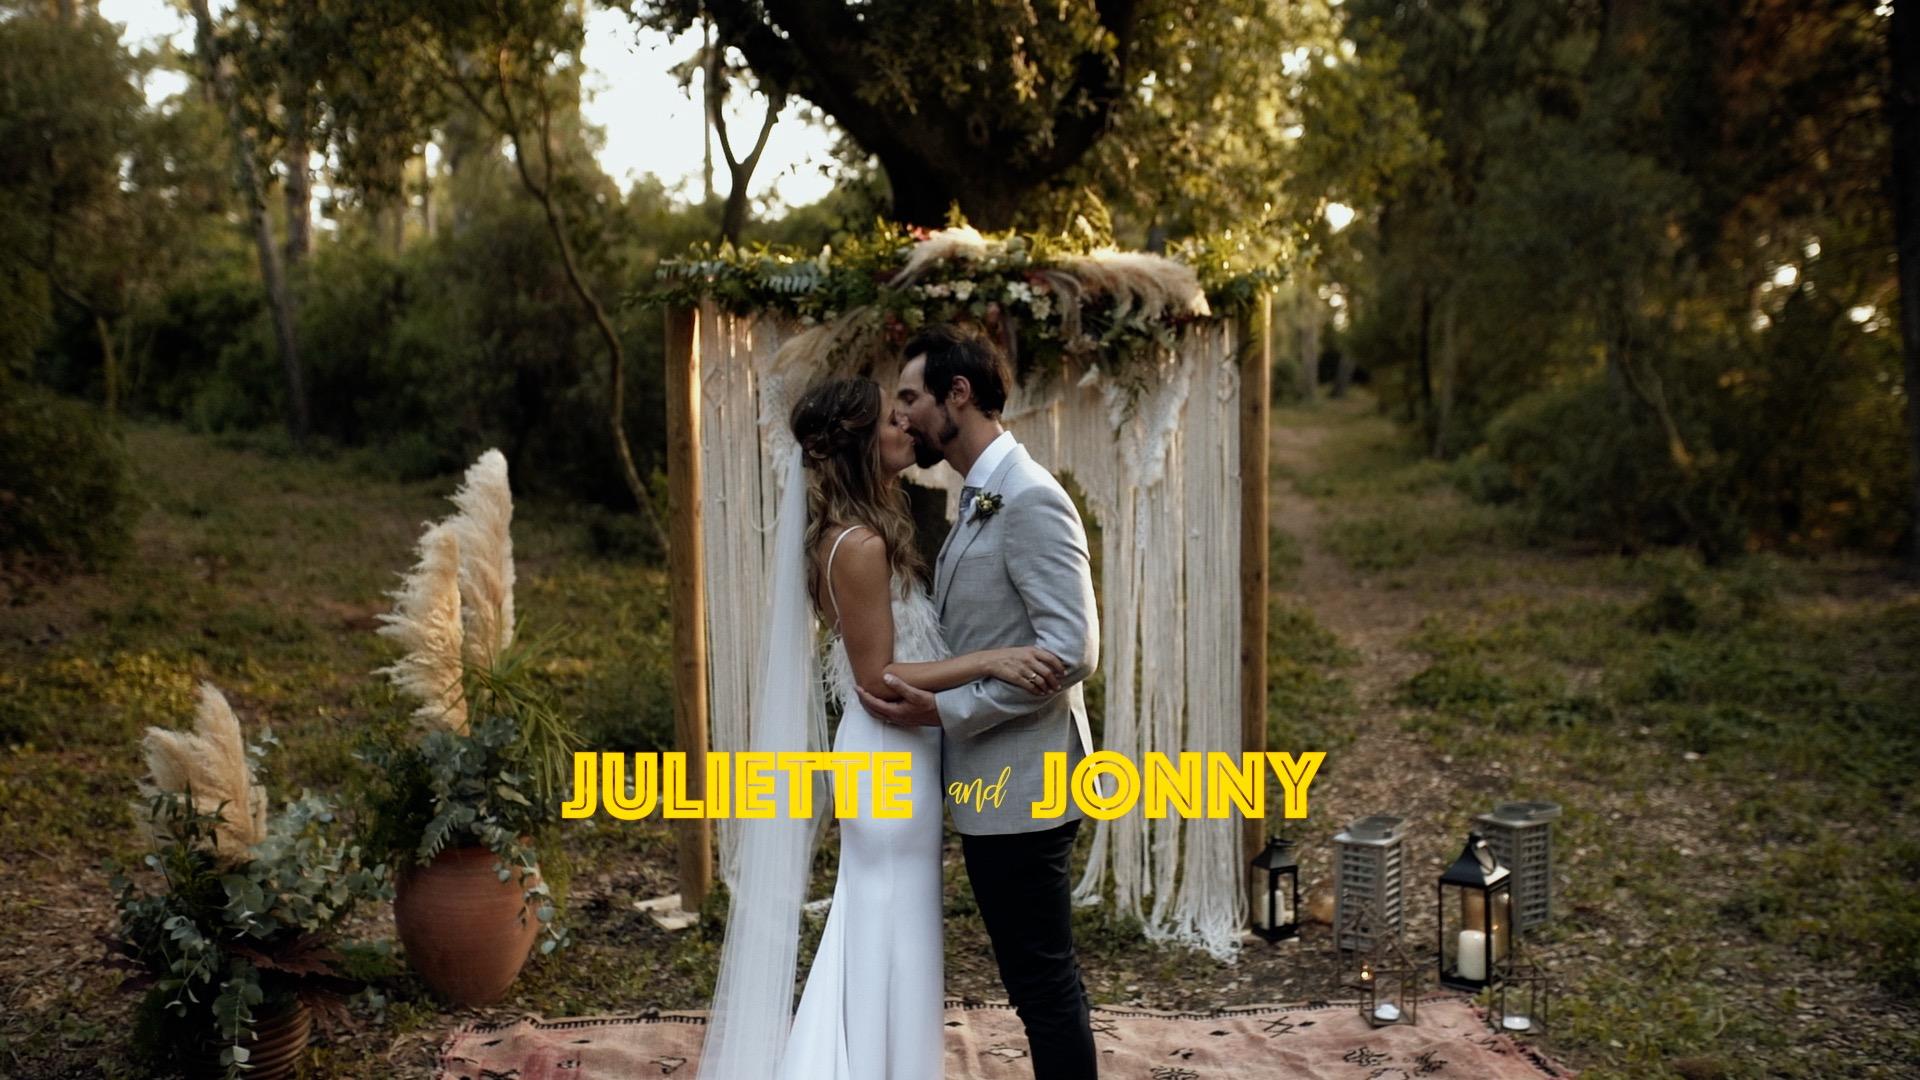 juliette and jonny, fenix visual, wedding forest, open the door,